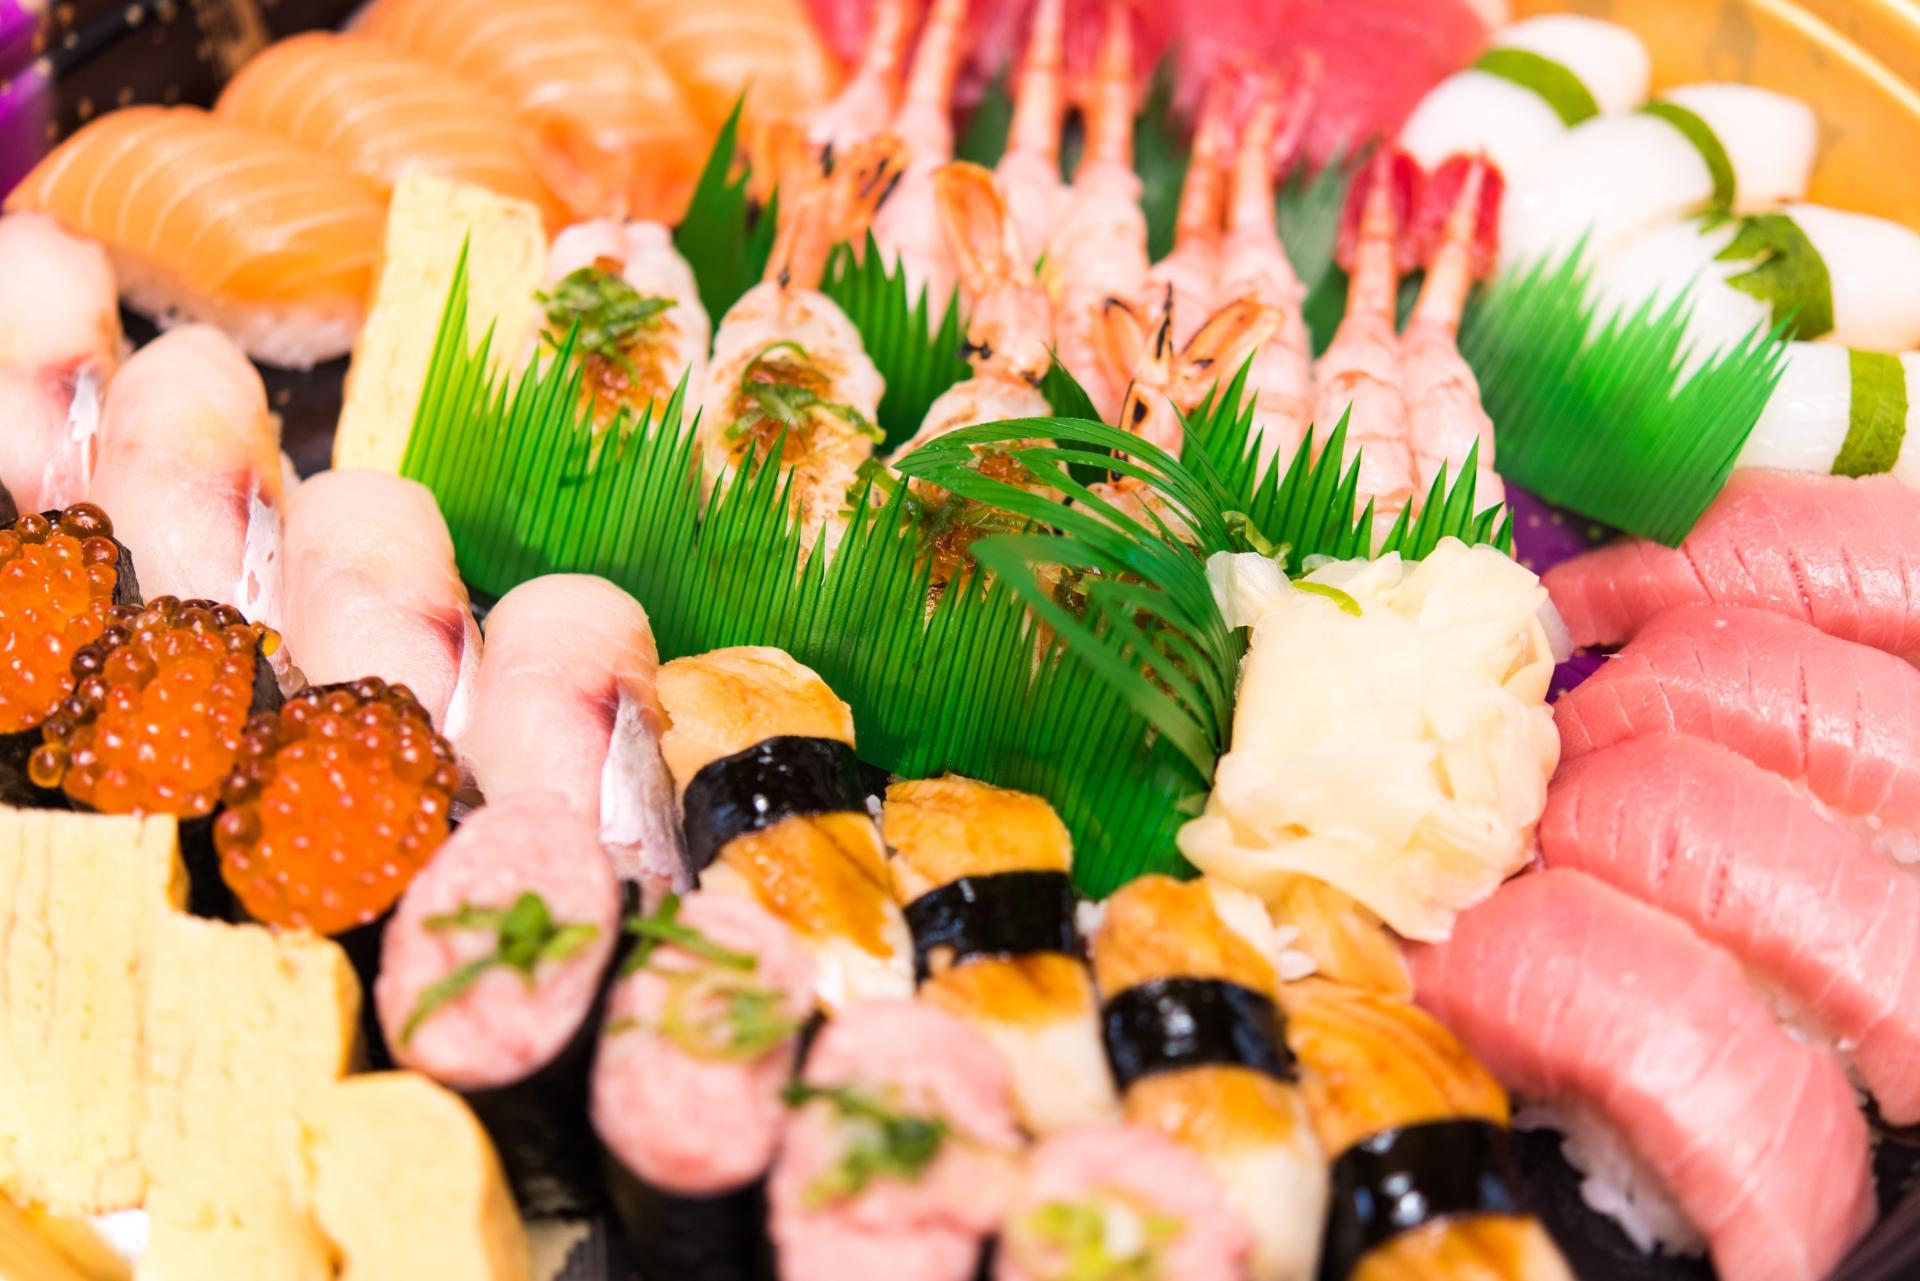 はま寿司はドライブスルーが出来る!メニューや注文・予約方法を徹底調査!